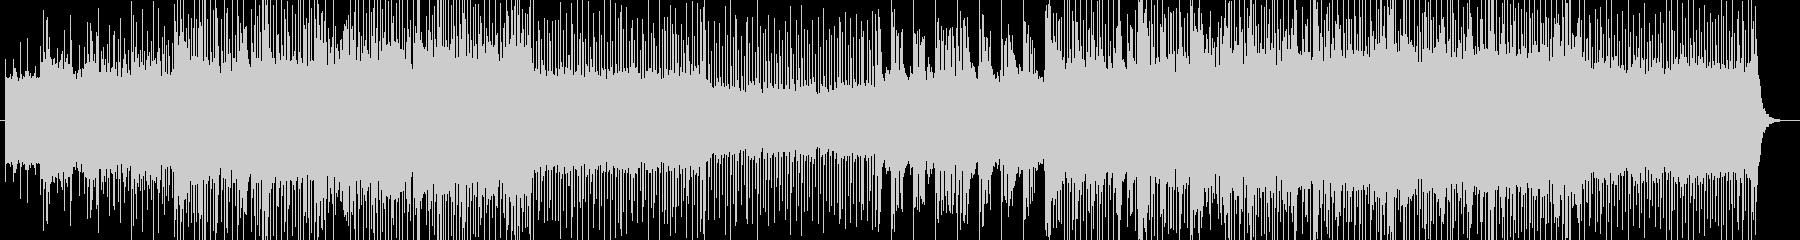 「ハード/ロック/ペイン」BGM70の未再生の波形